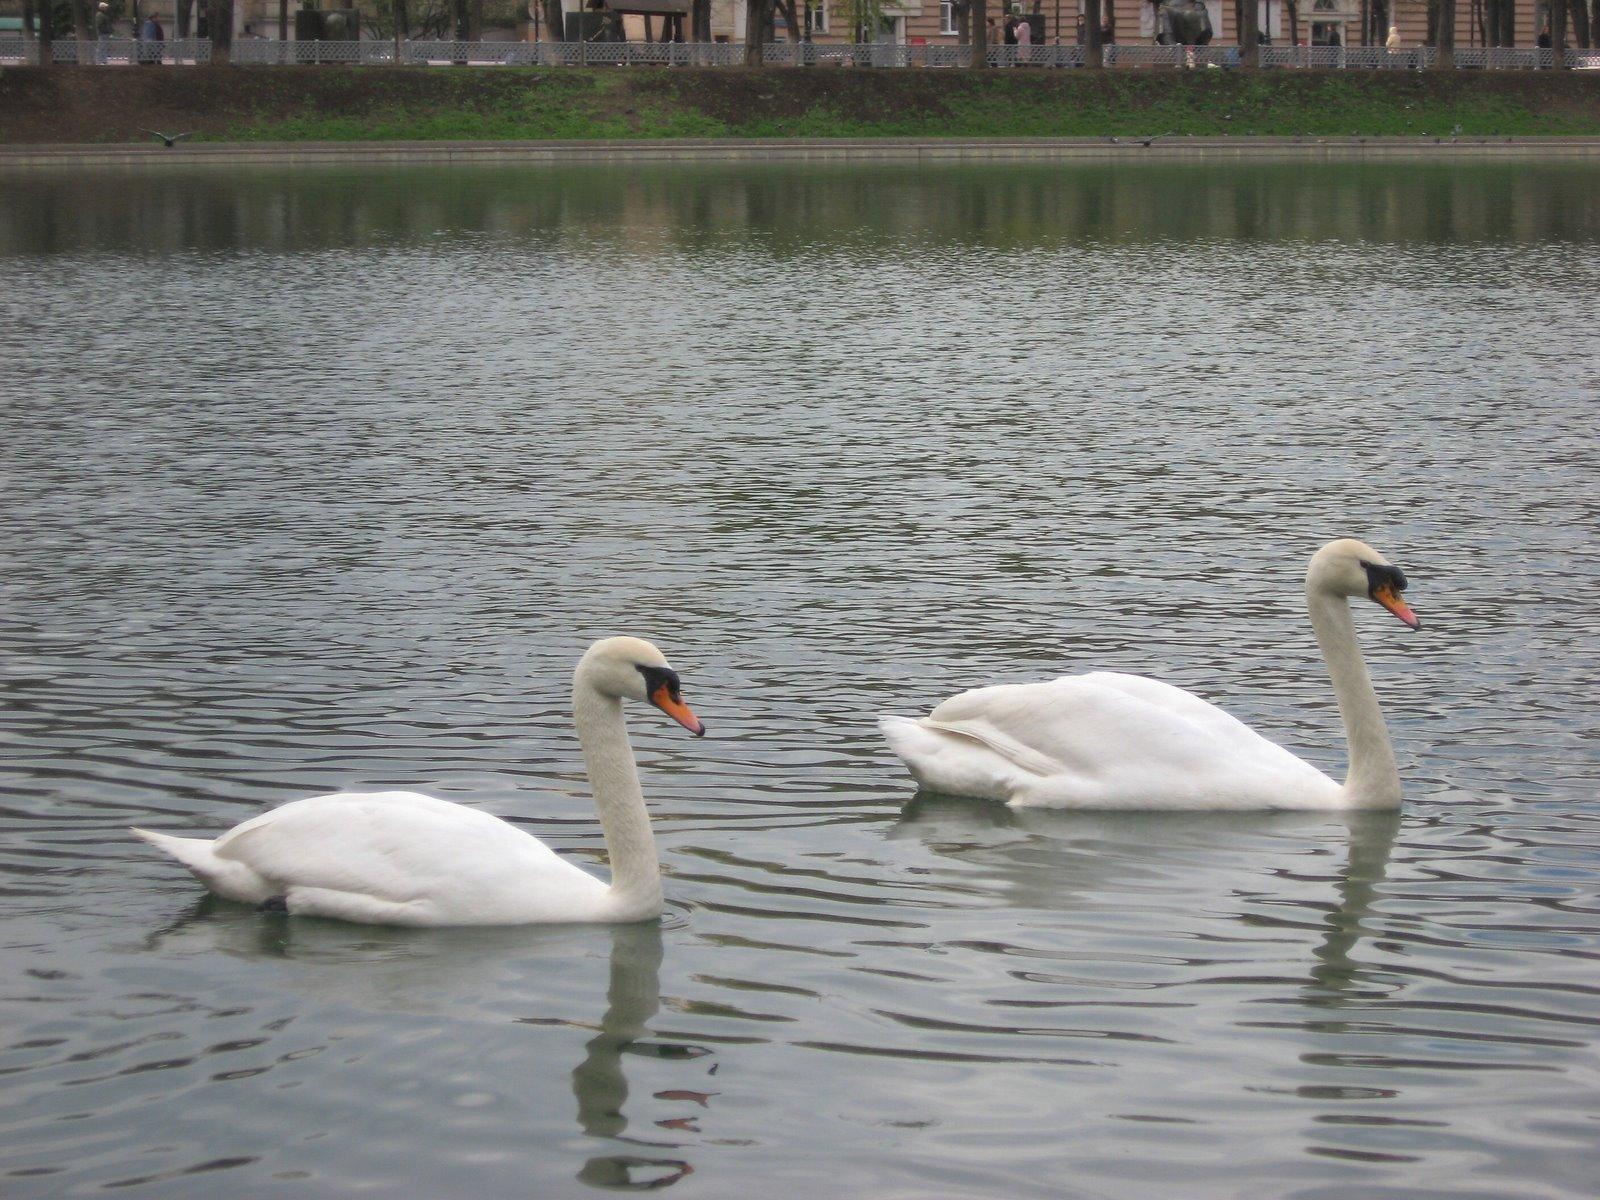 [swans_pair.jpg]